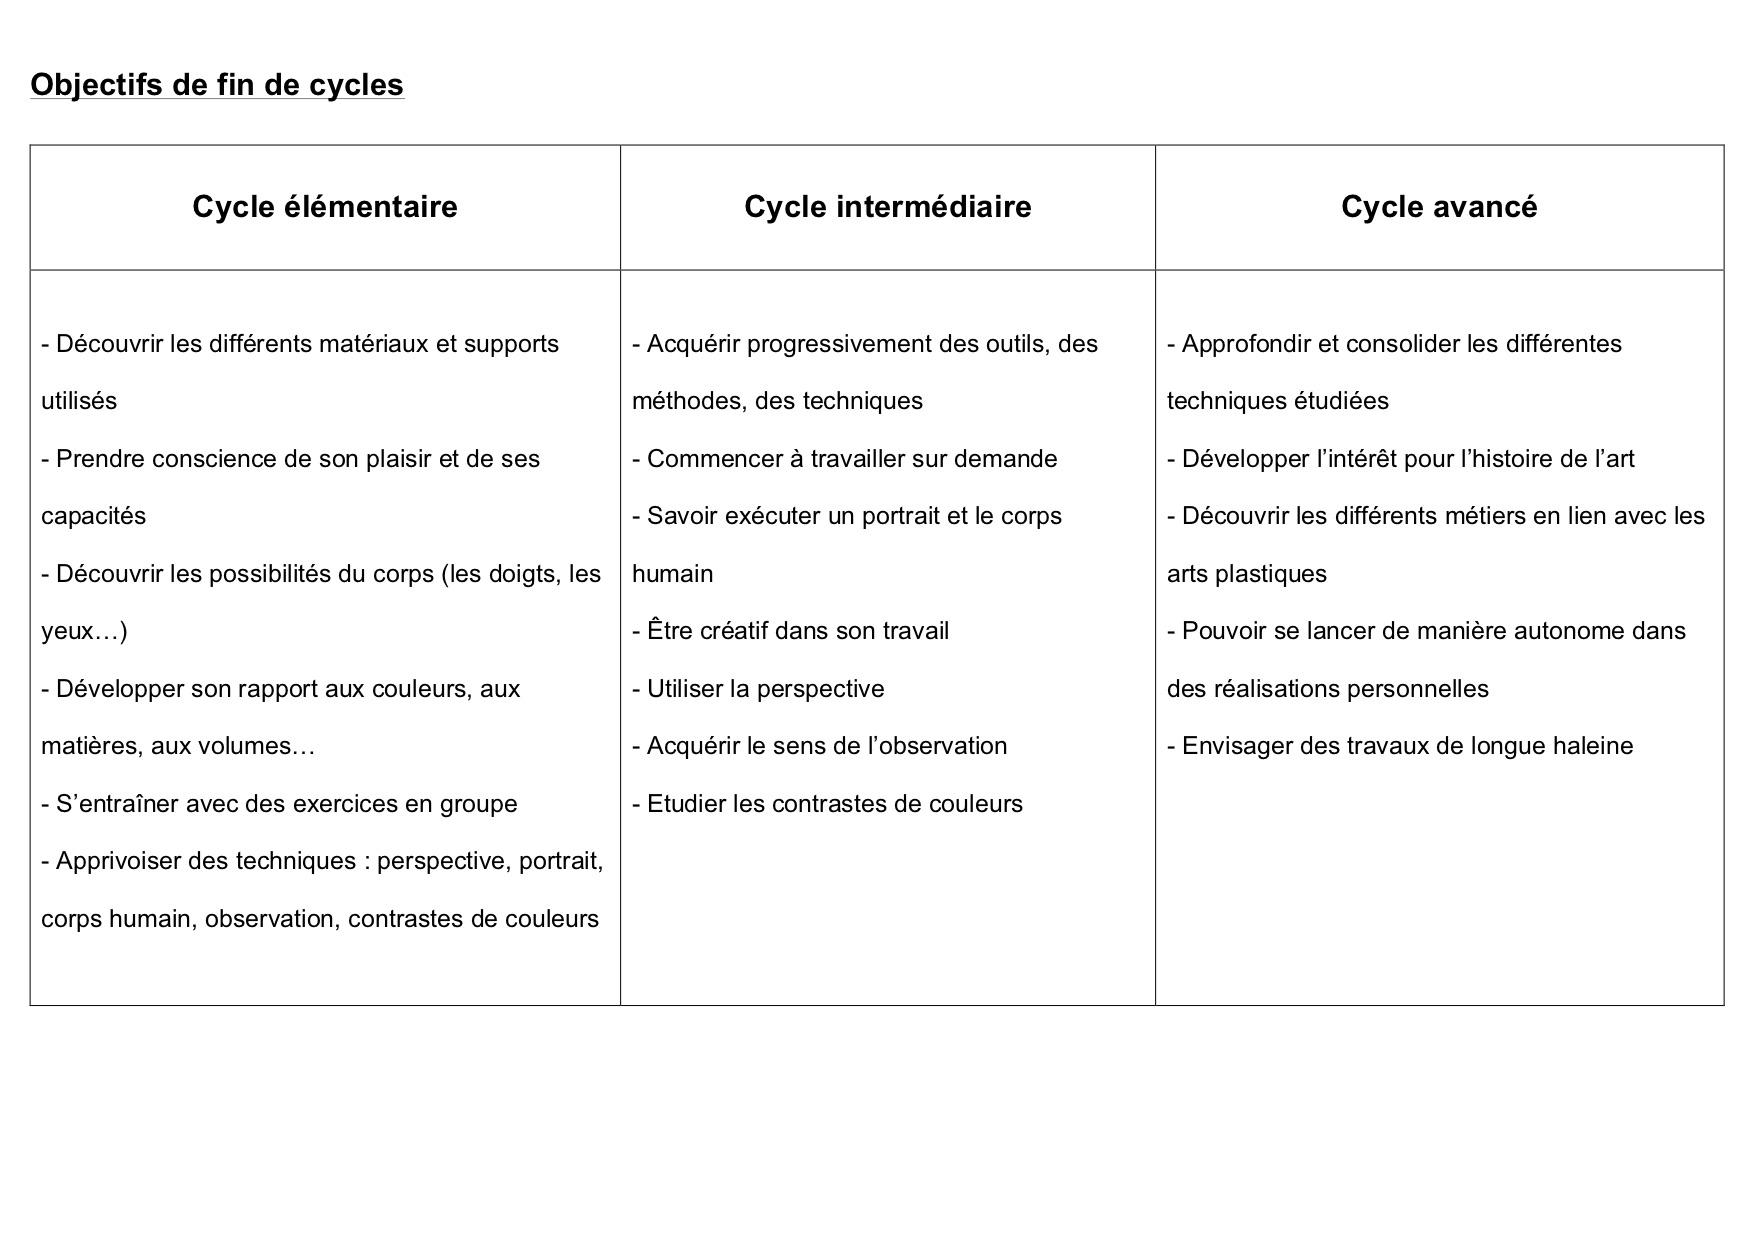 Dessin Objectifs fin de cycle